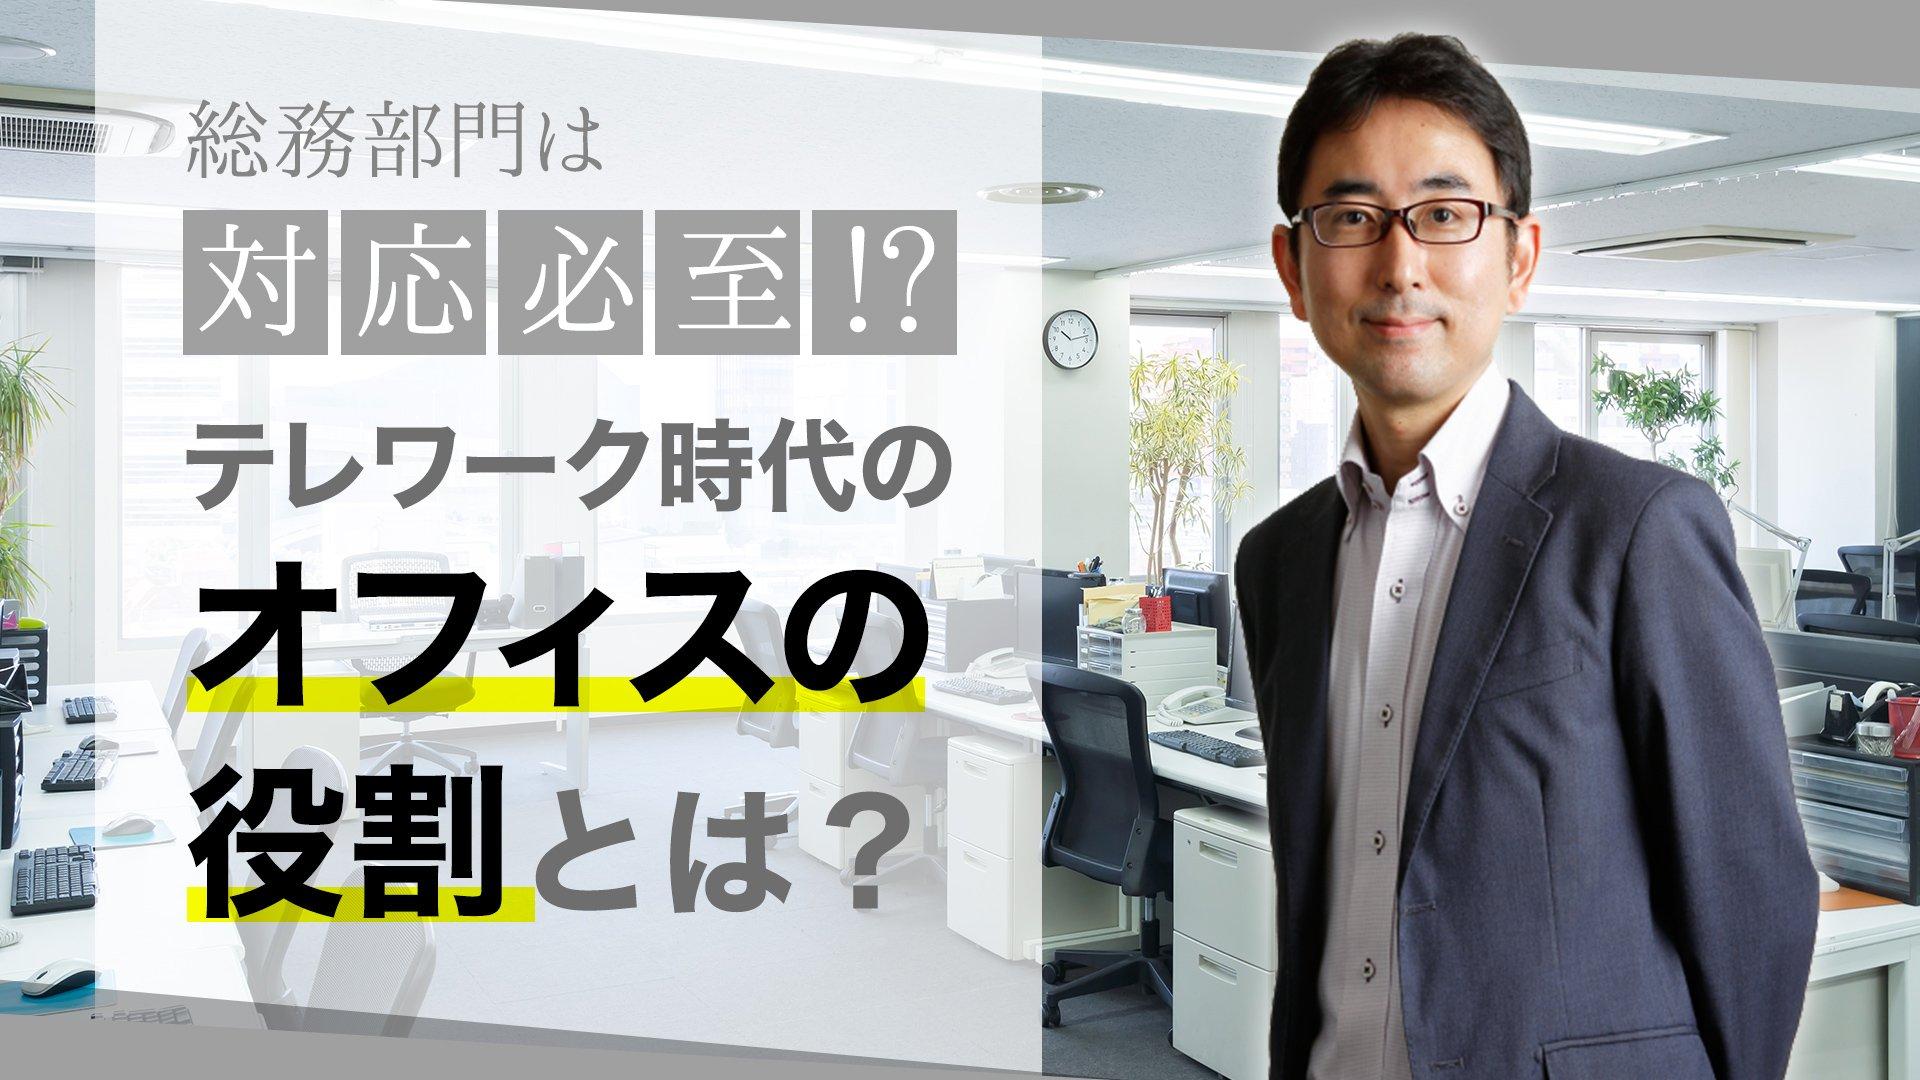 【従業員50名以上向け】総務部門は対応必至!? テレワーク時代の「オフィスの役割」とは?